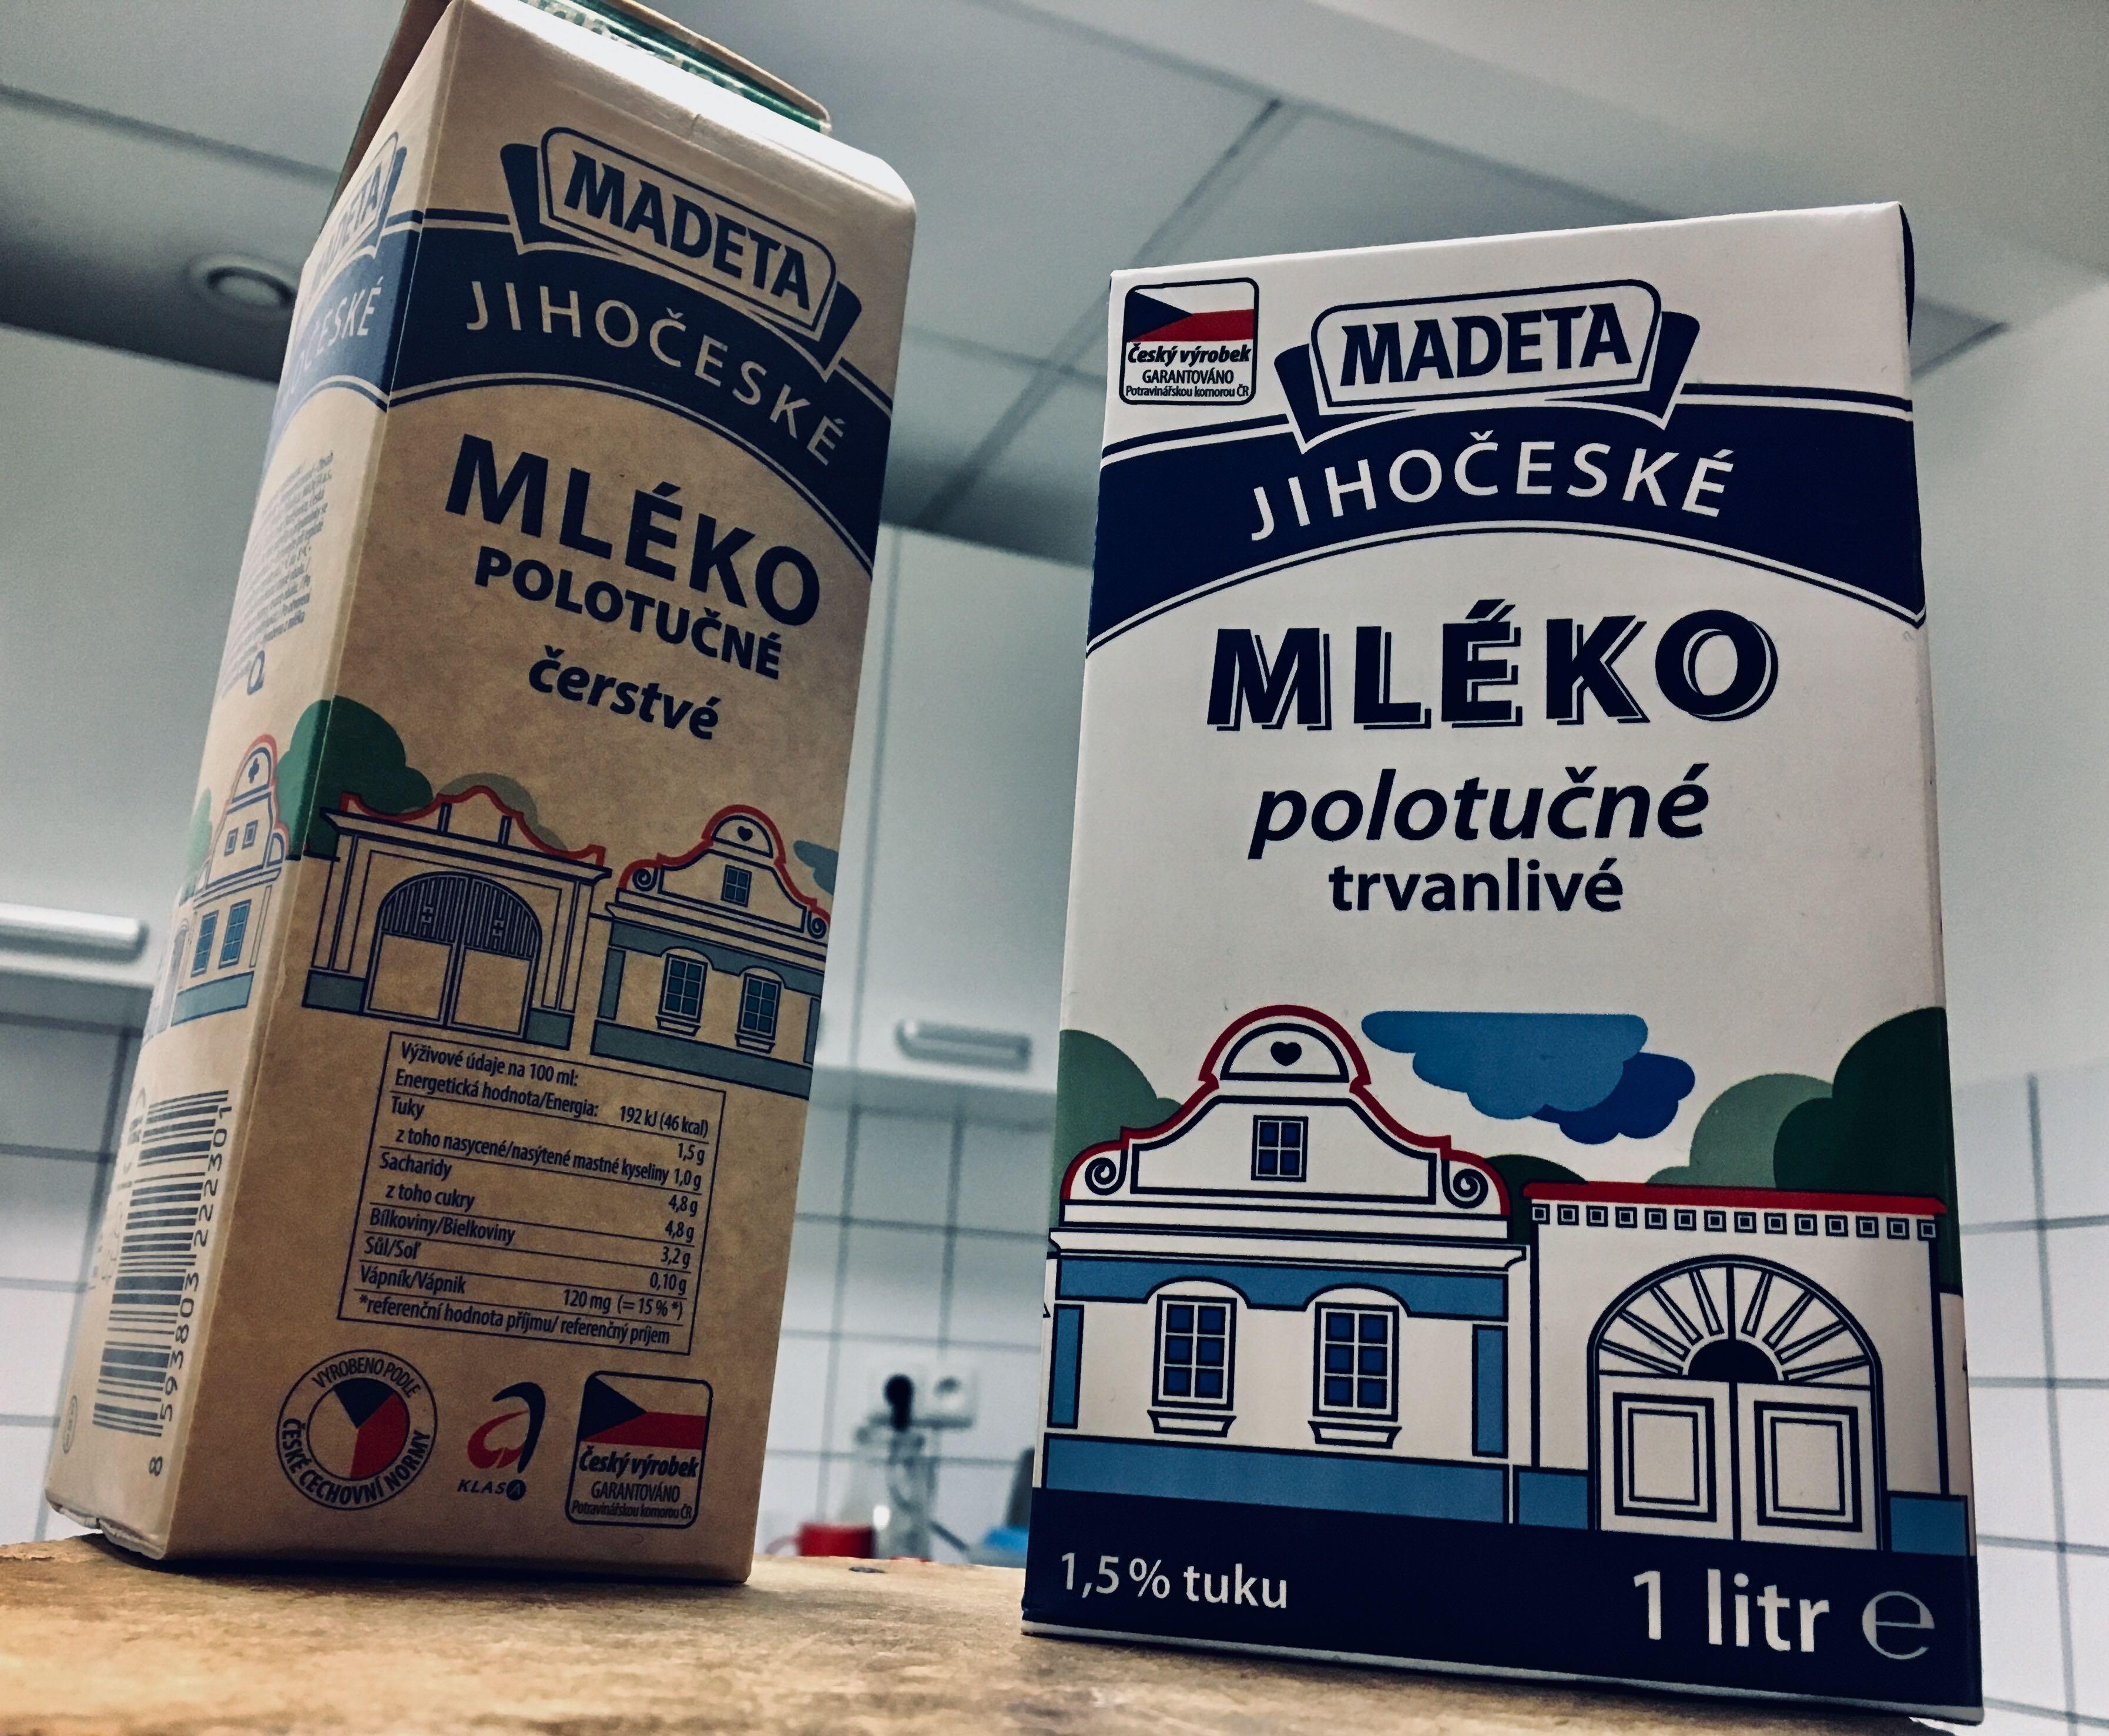 Výrobky mlékárny Madeta (ilustrační foto)